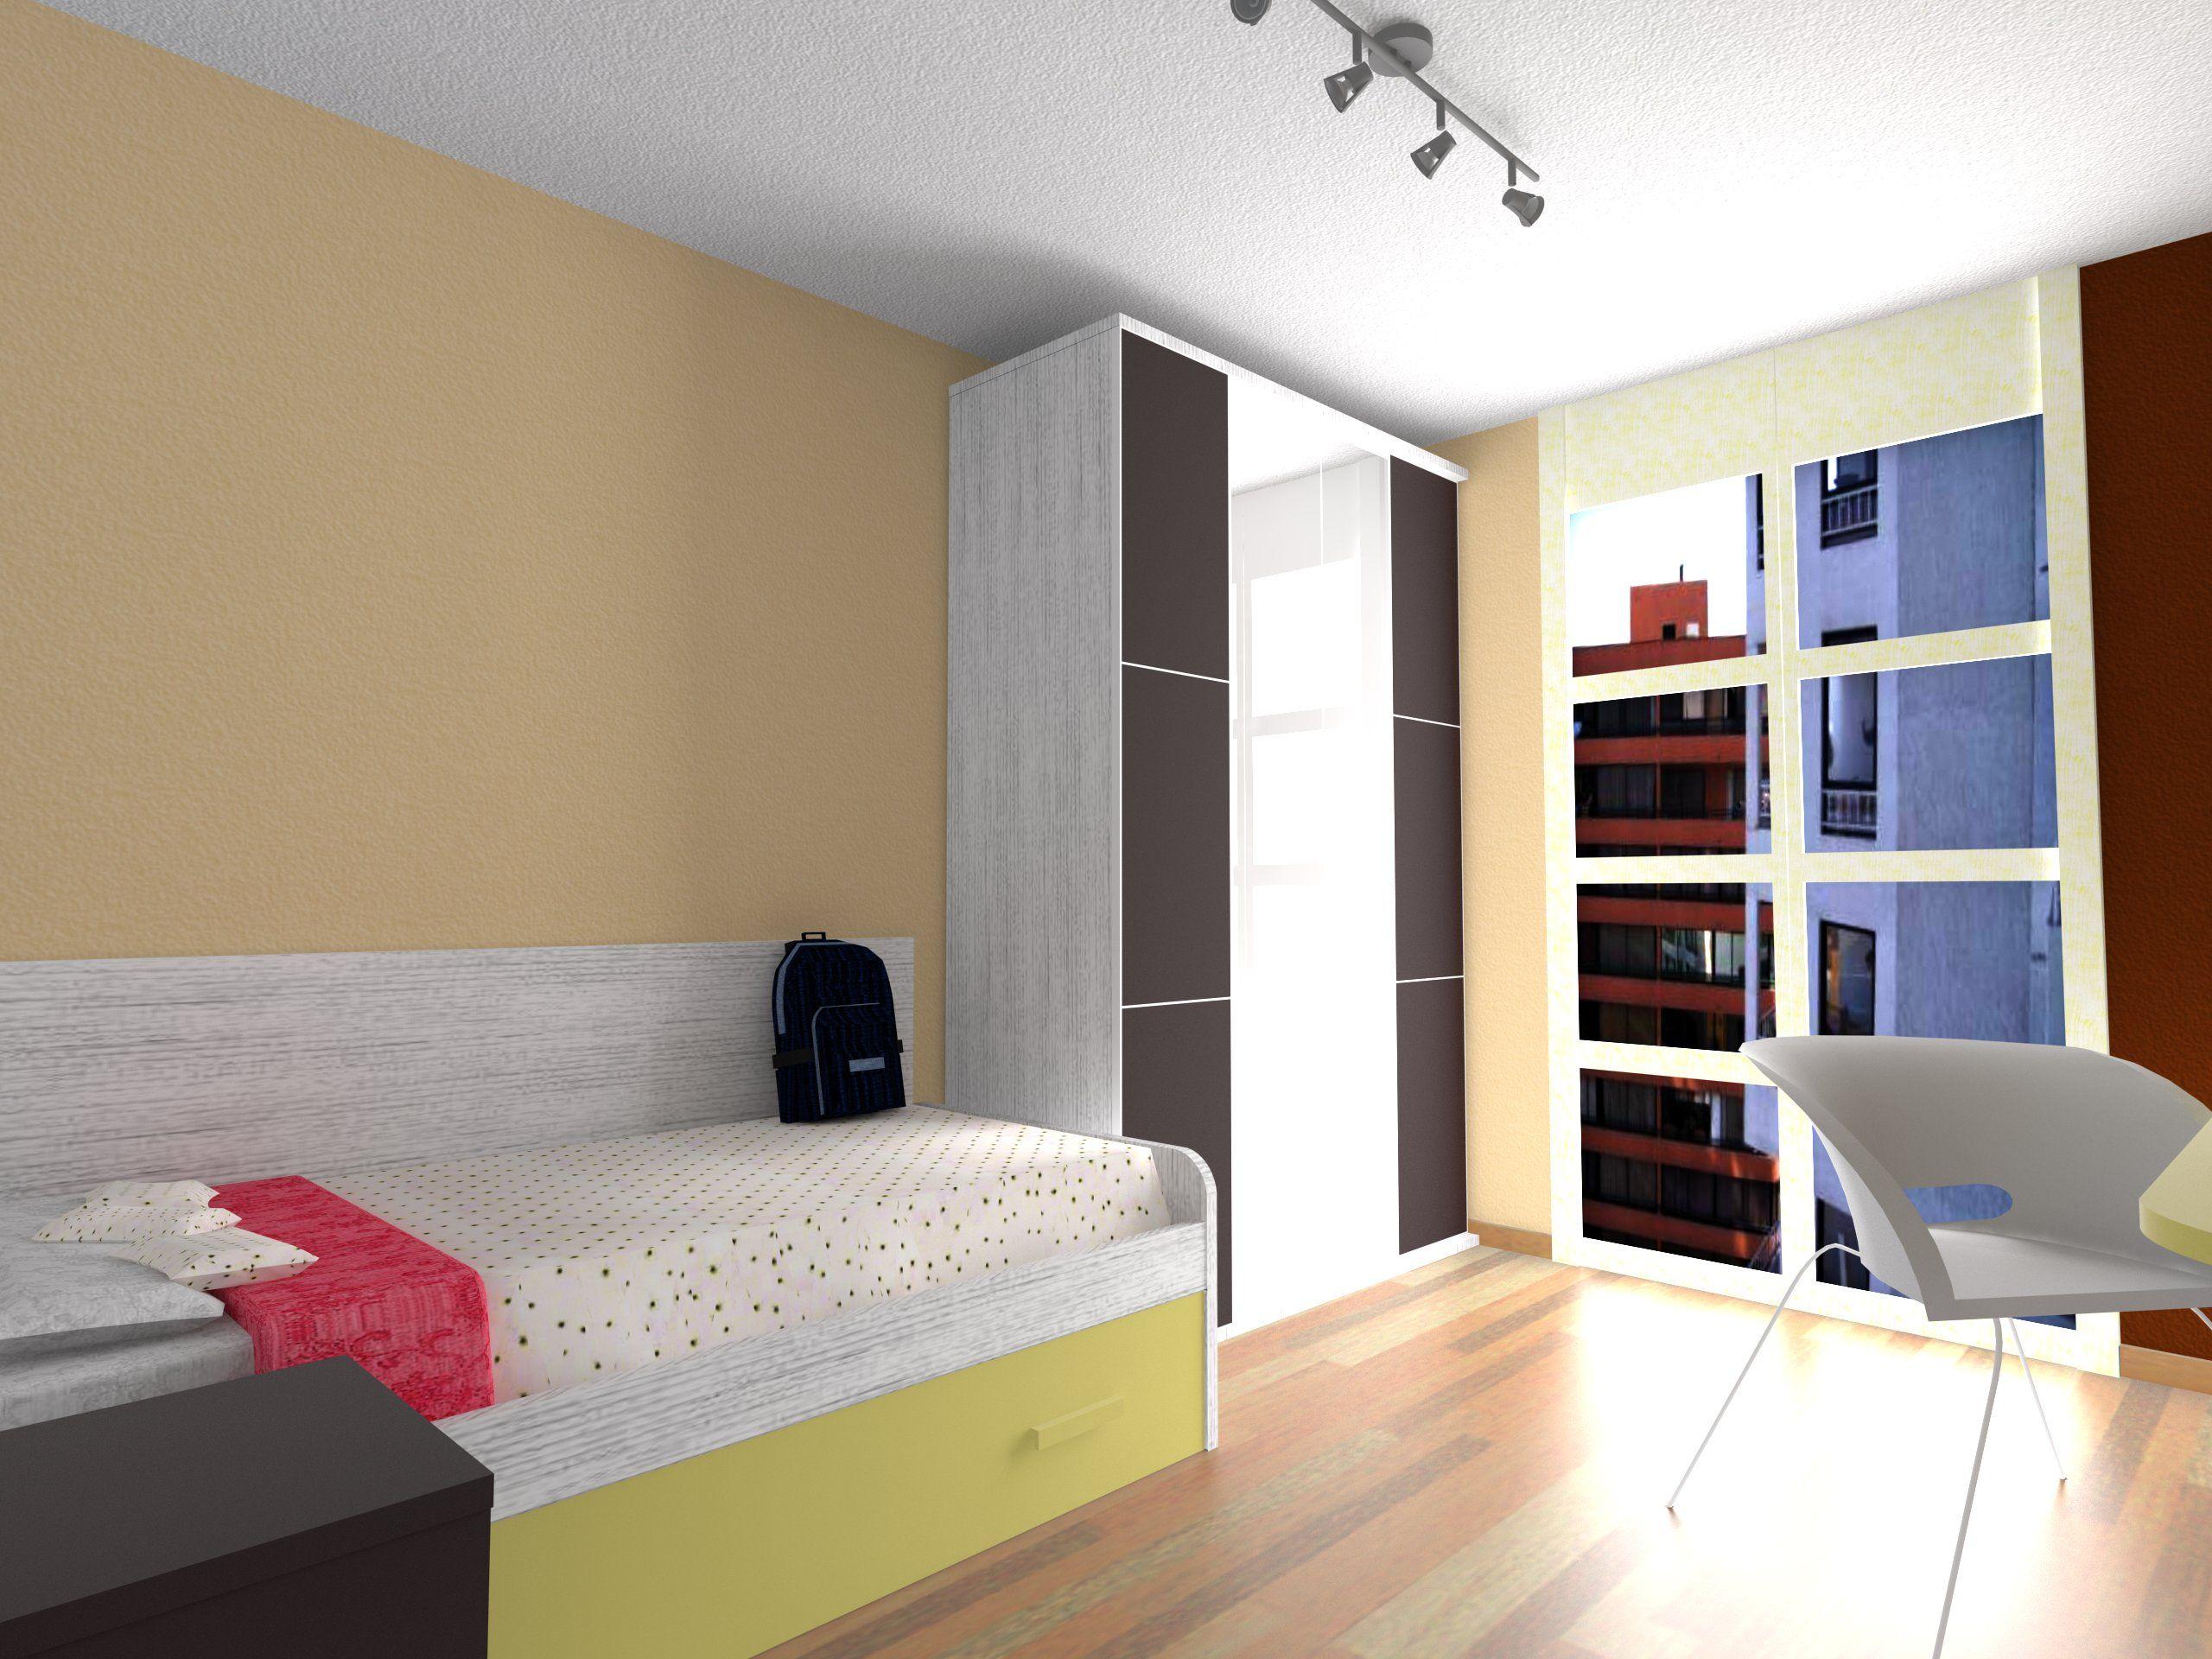 Dise o de habitaci n juvenil en color beig y moka - Color habitacion juvenil ...